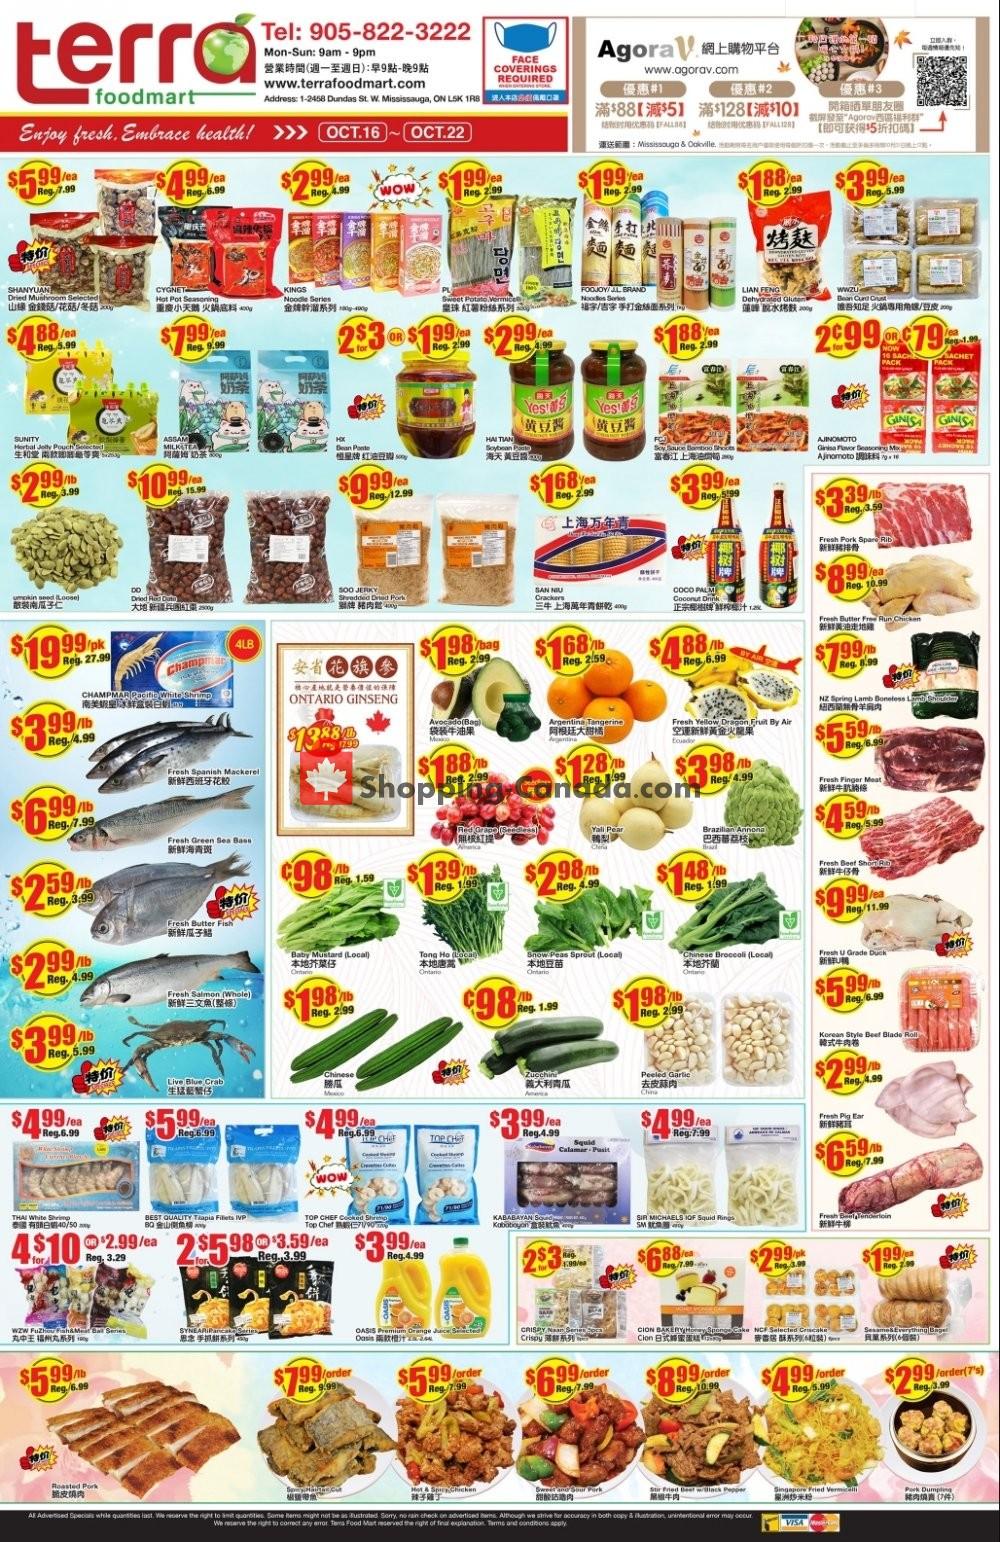 Flyer Terra Foodmart Canada - from Friday October 16, 2020 to Thursday October 22, 2020